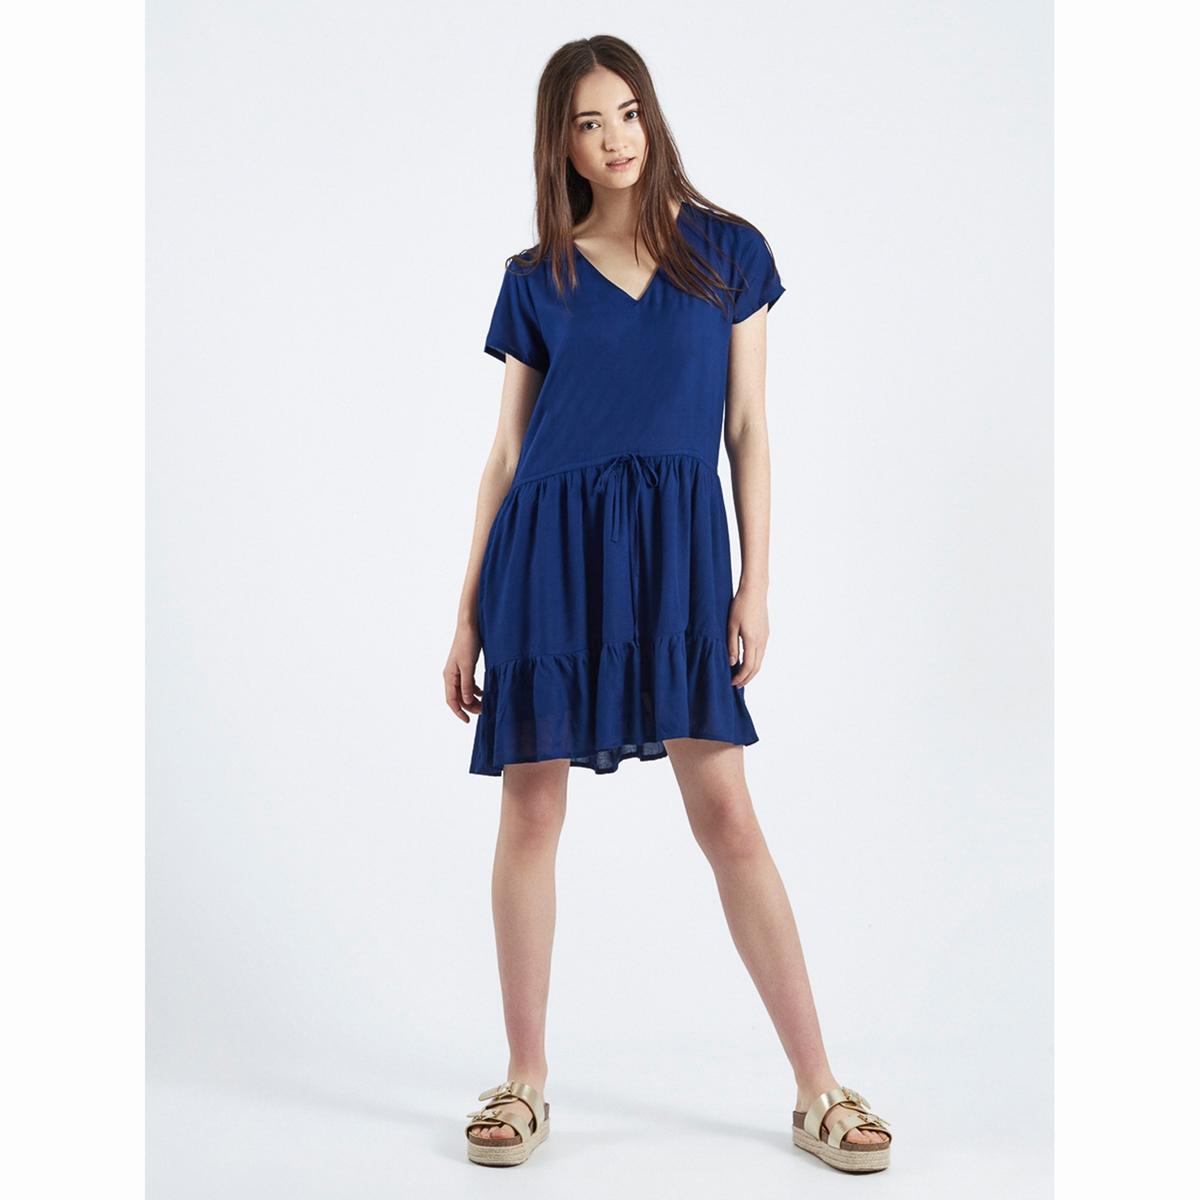 Платье Vestido Azul AdaСтруящееся платье Vestido Azul Ada.    Короткие рукава. V-образный вырез. Пояс на кулиске с завязками. Расклешенный низ с широкими воланами.Состав и описаниеМатериал : 100% вискозаМарка : Compania FantasticaМодель : Vestido Azul AdaУходСледуйте рекомендациям по уходу, указанным на этикетке изделия<br><br>Цвет: темно-синий<br>Размер: L